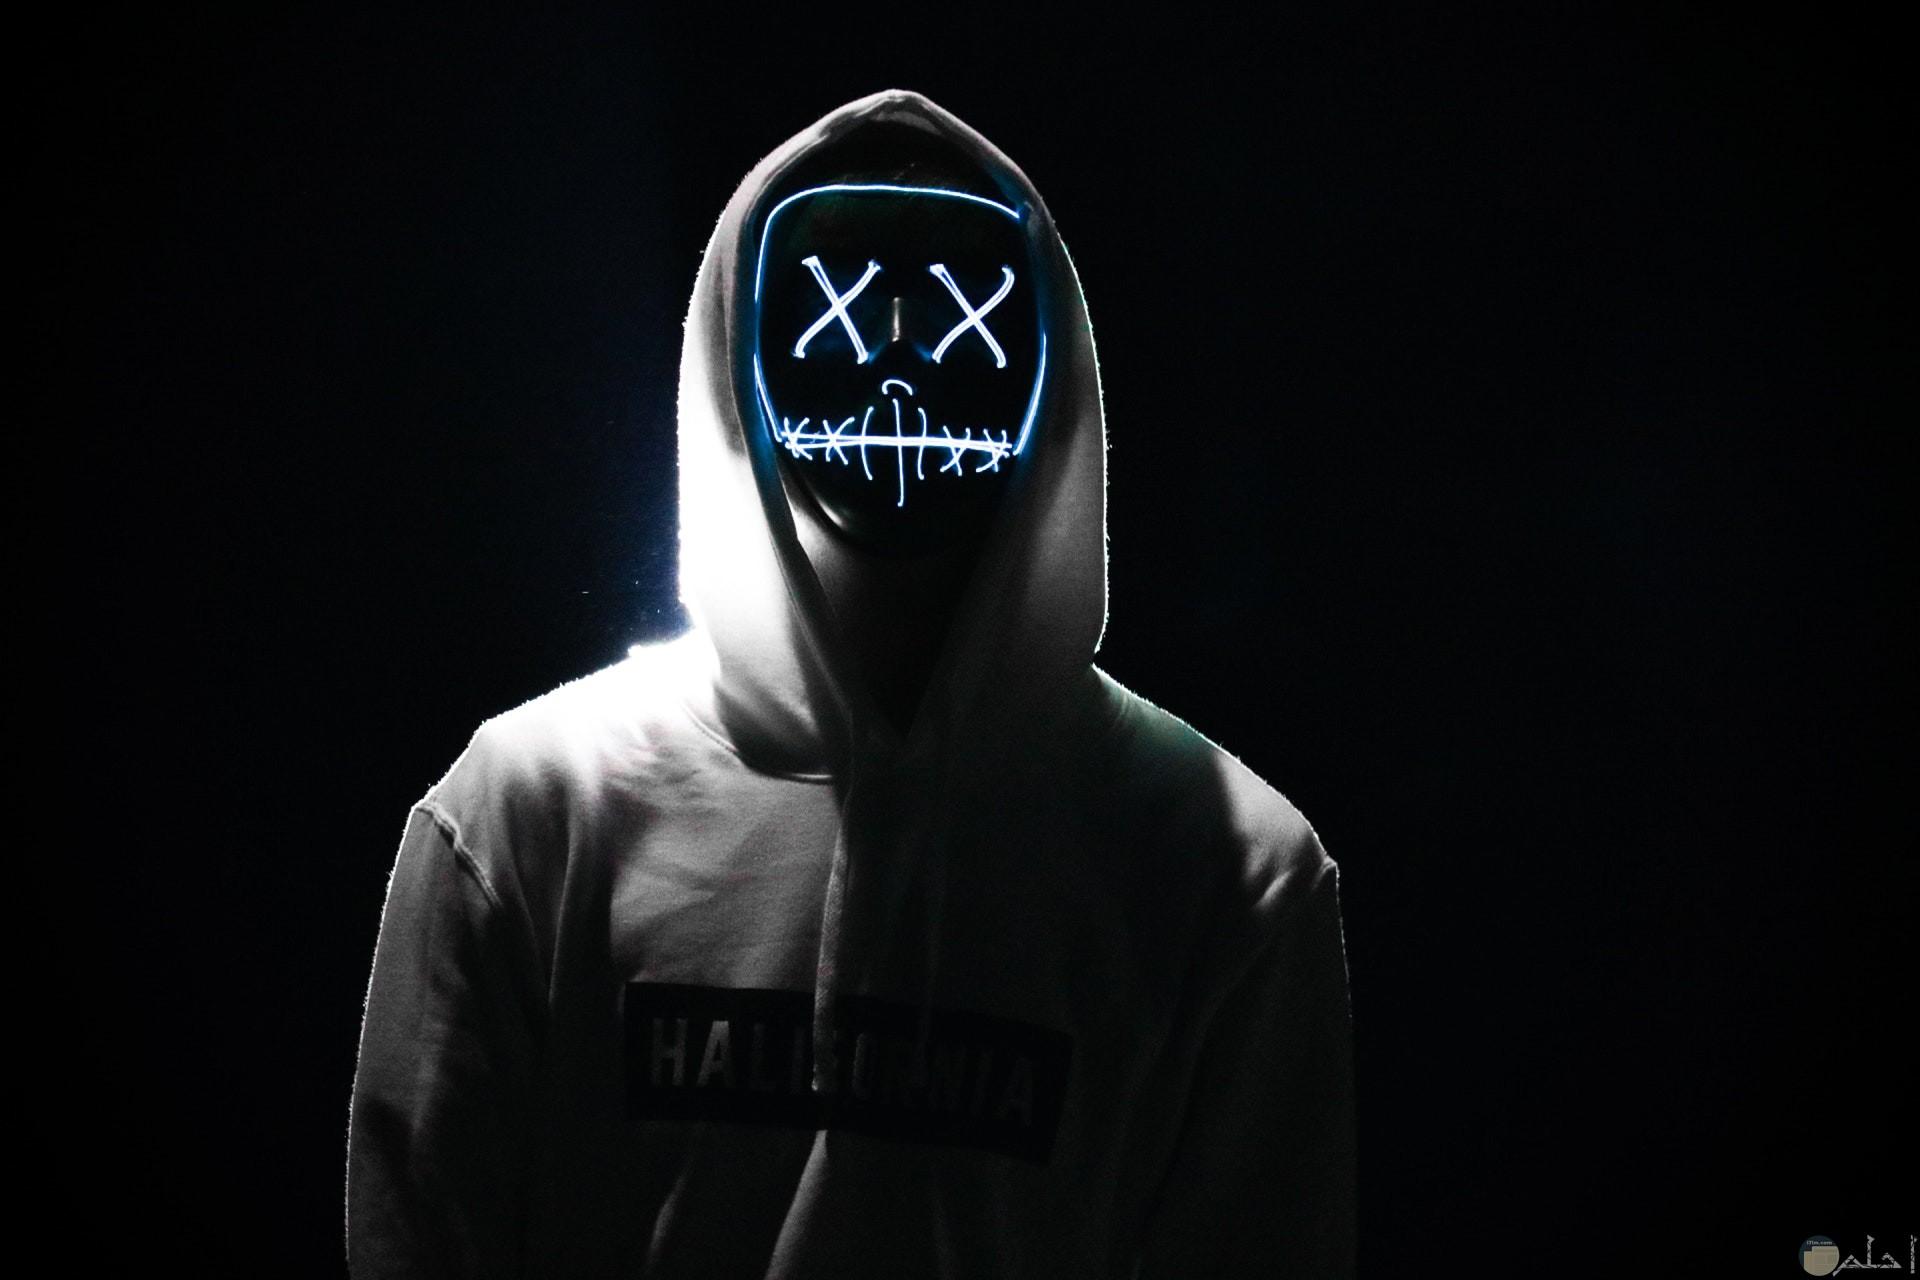 صورة مخيفة لإنسان يرتدي قناع مرعب مع خلفية سوداء